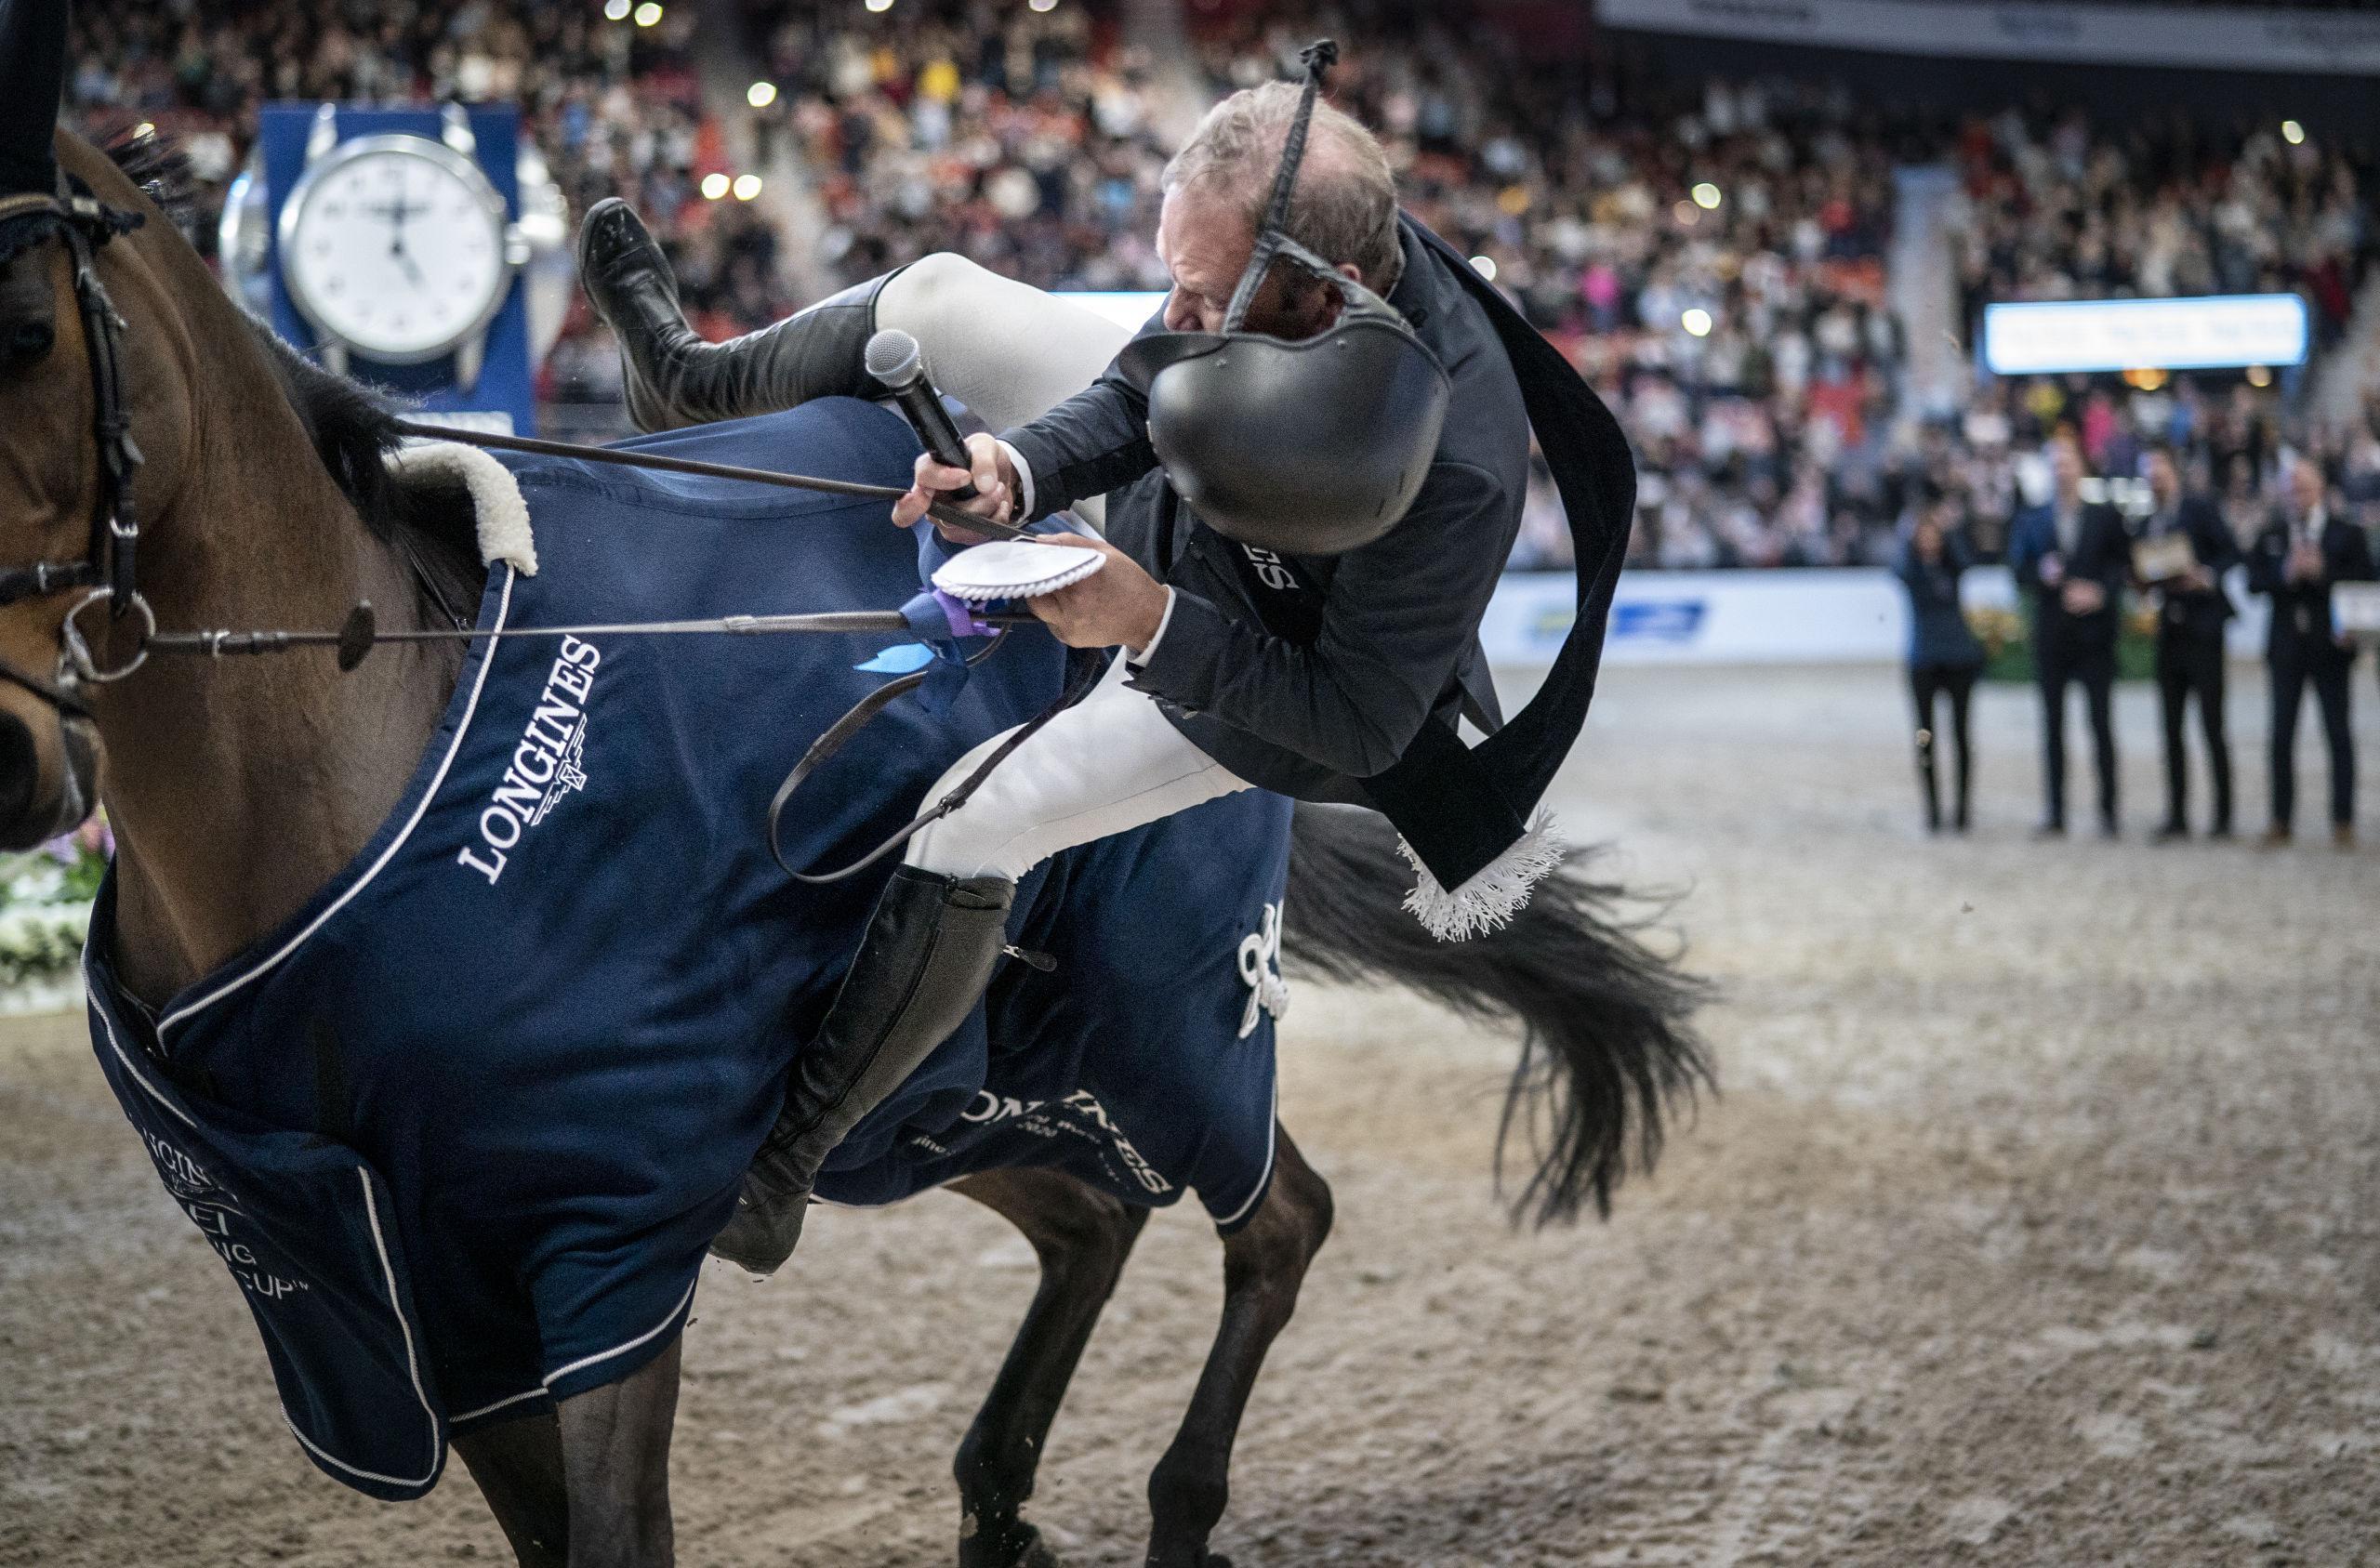 Vinnaren i Scandinavium avkastad av sin häst – fick vård